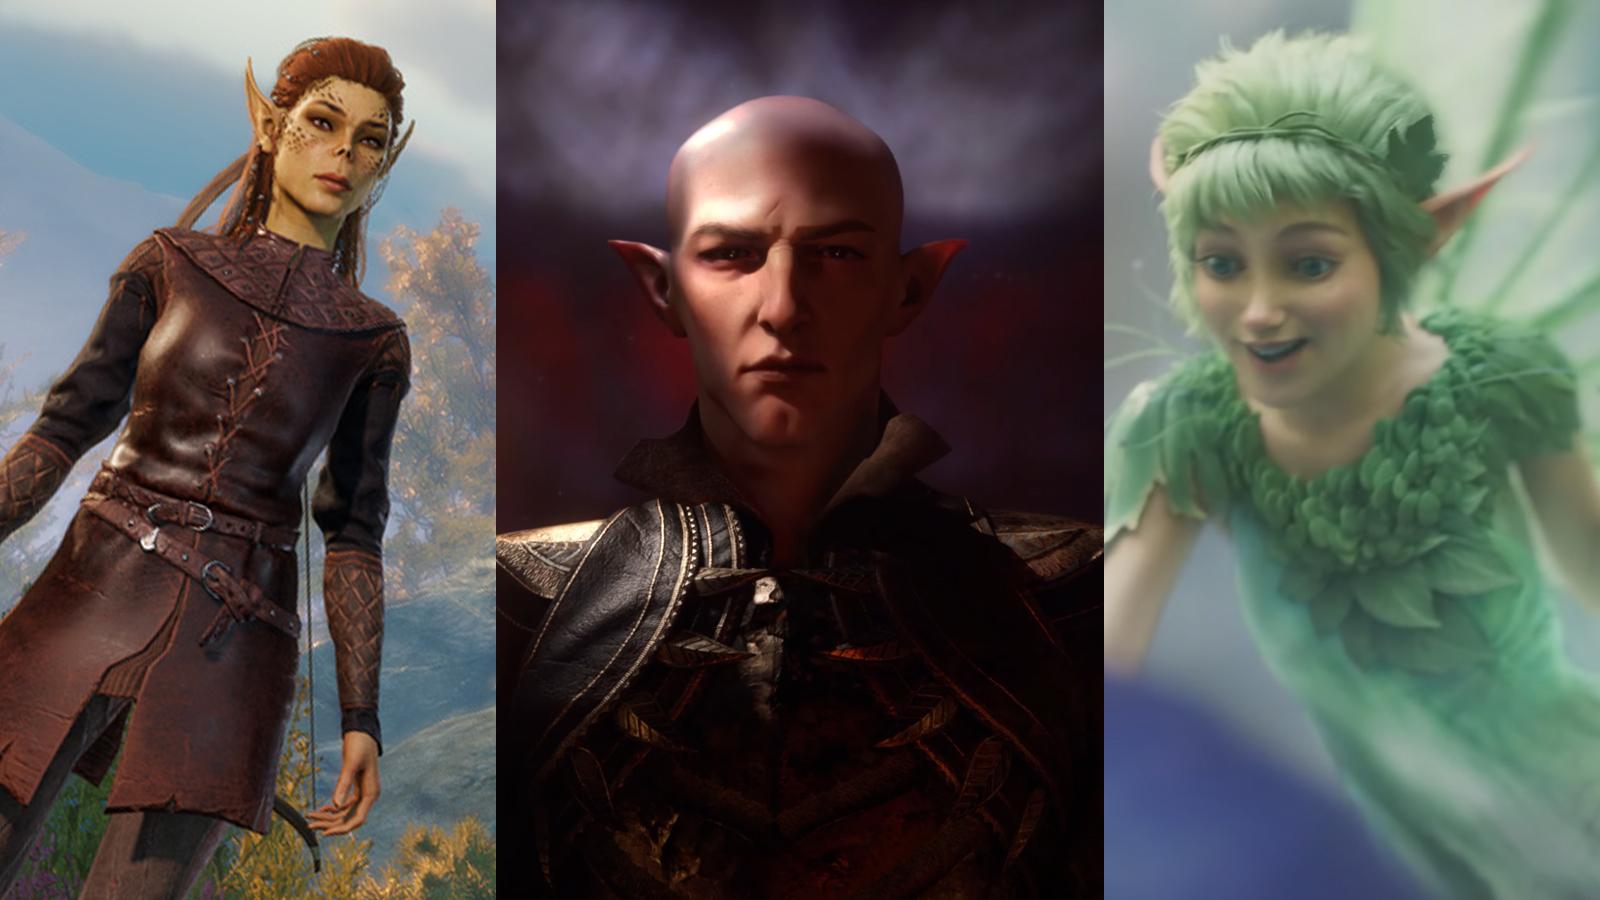 Baldurs Gate 3, Dragon Age 4 and Fable 4